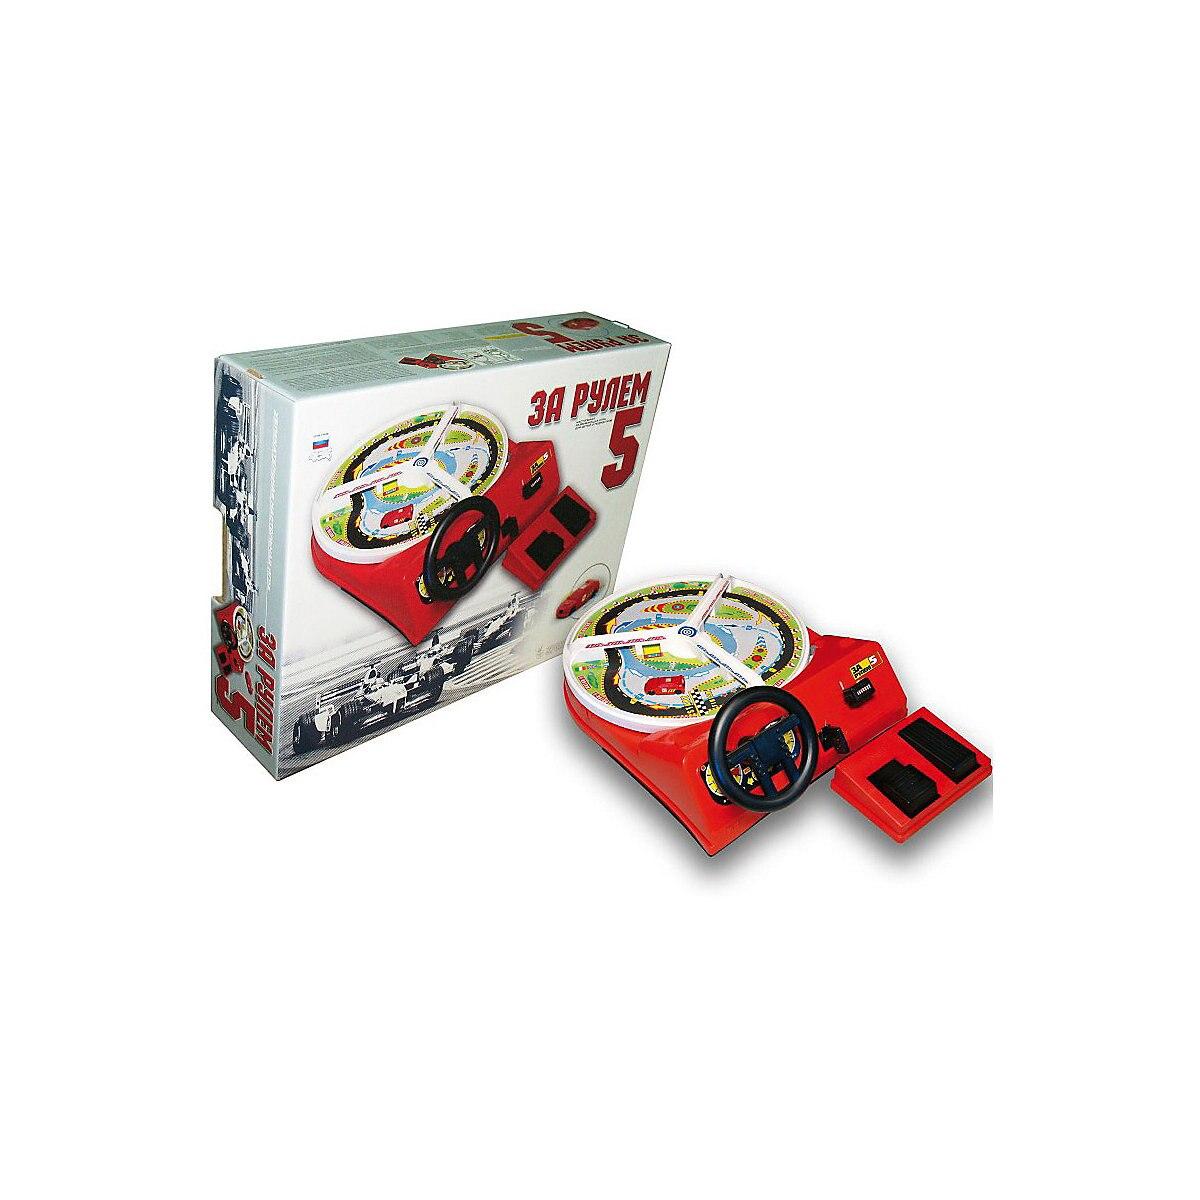 Salle de jeux omskiy zavod elektrotovarov 7377658 jouets jeu de société enfants jeux éducatifs chambre pour garçons filles